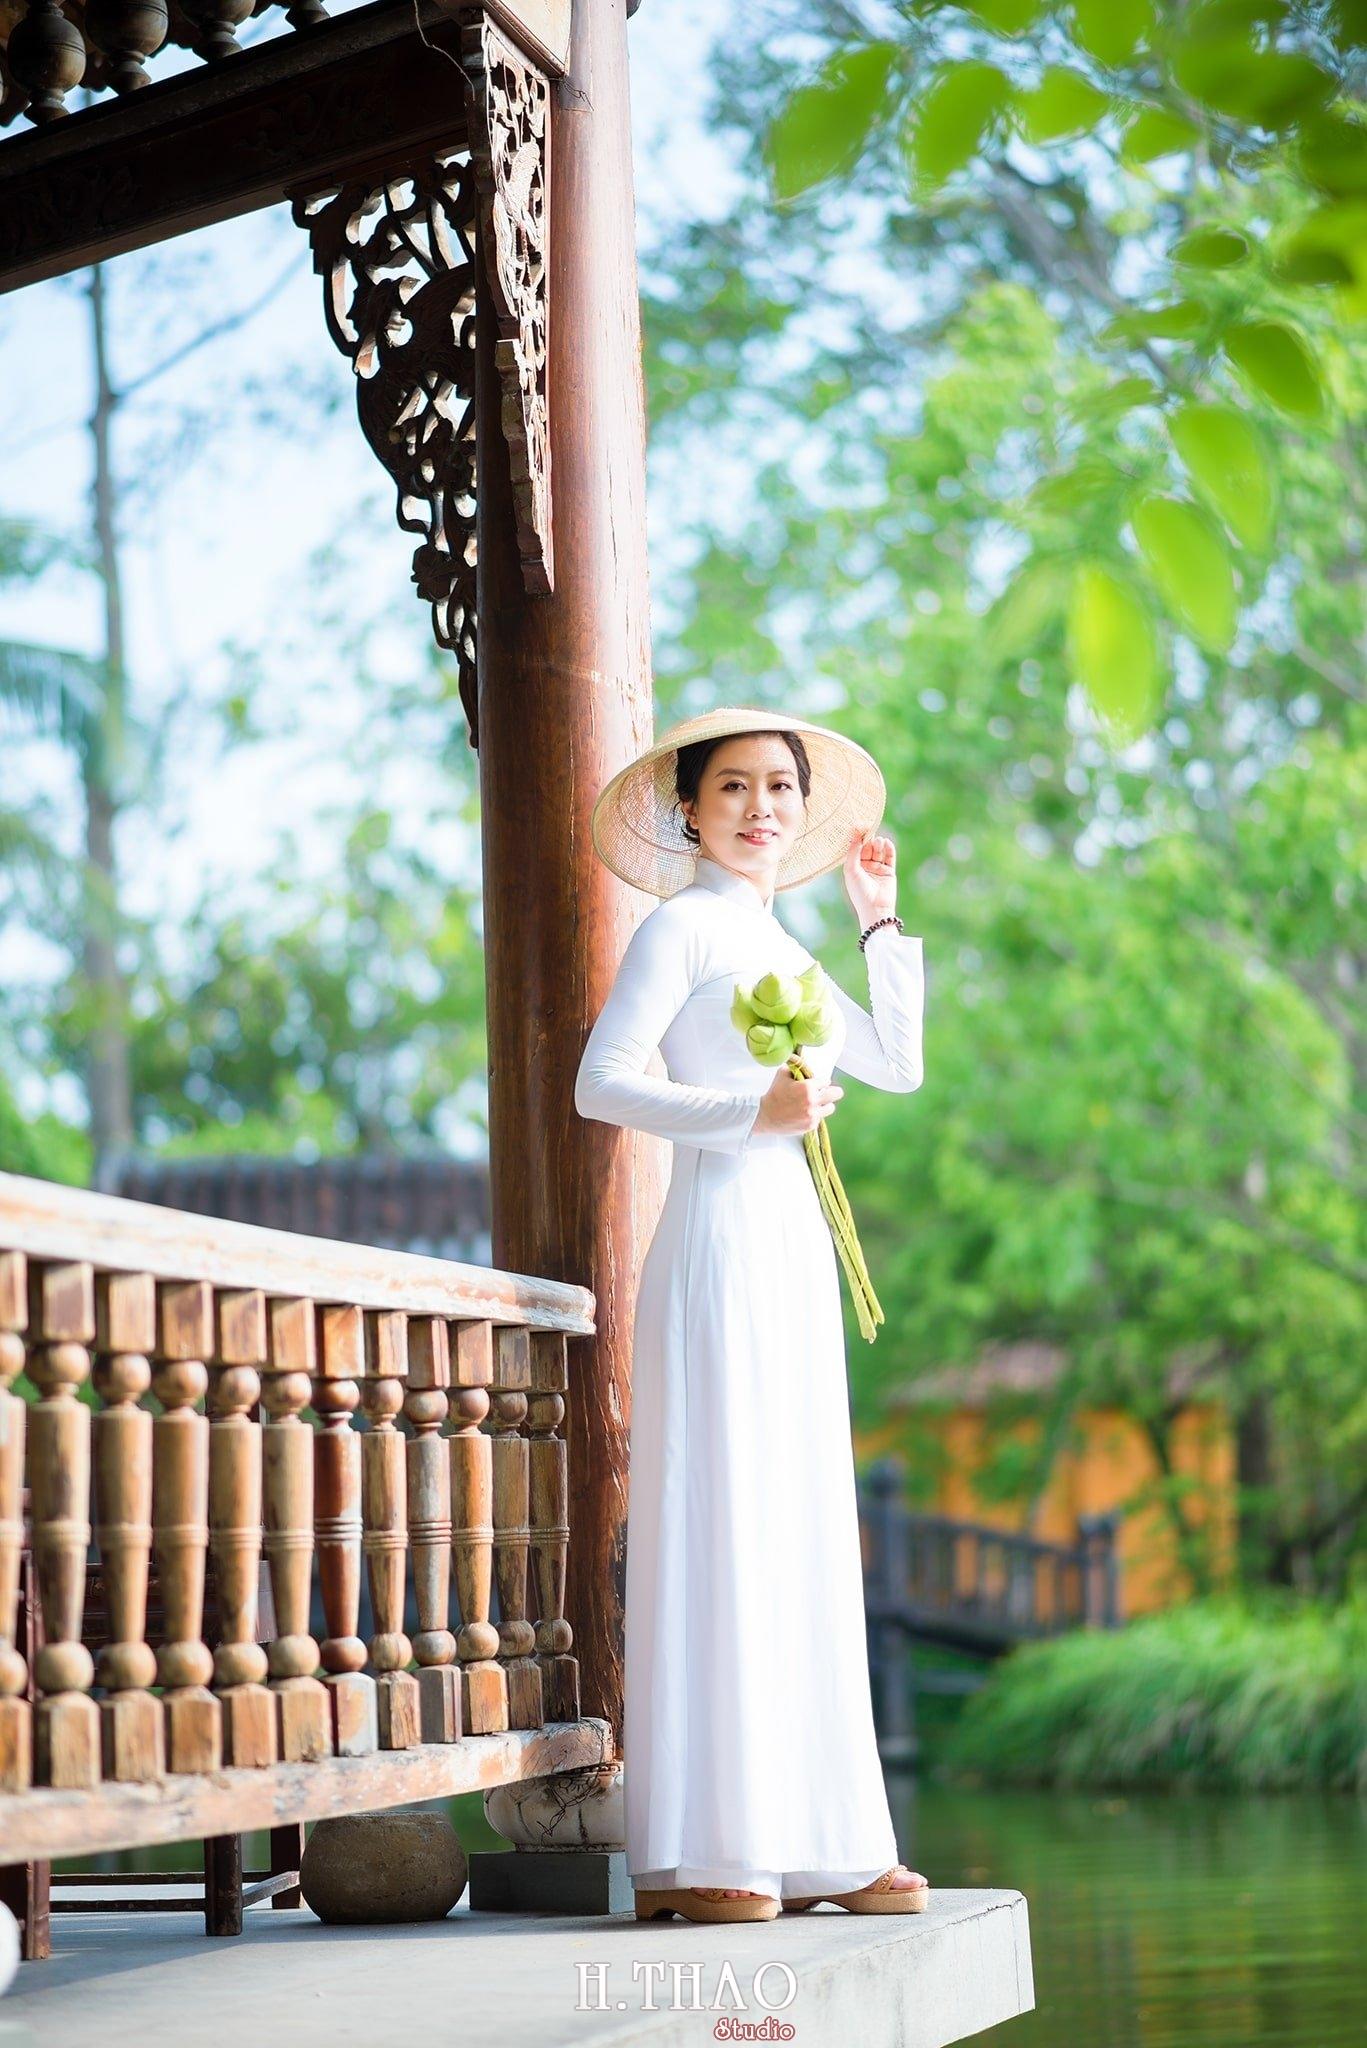 Ao dai trang 11 1 - Bảo tàng áo dài quận 9, địa điểm chụp hình HOT nhất Tp.HCM